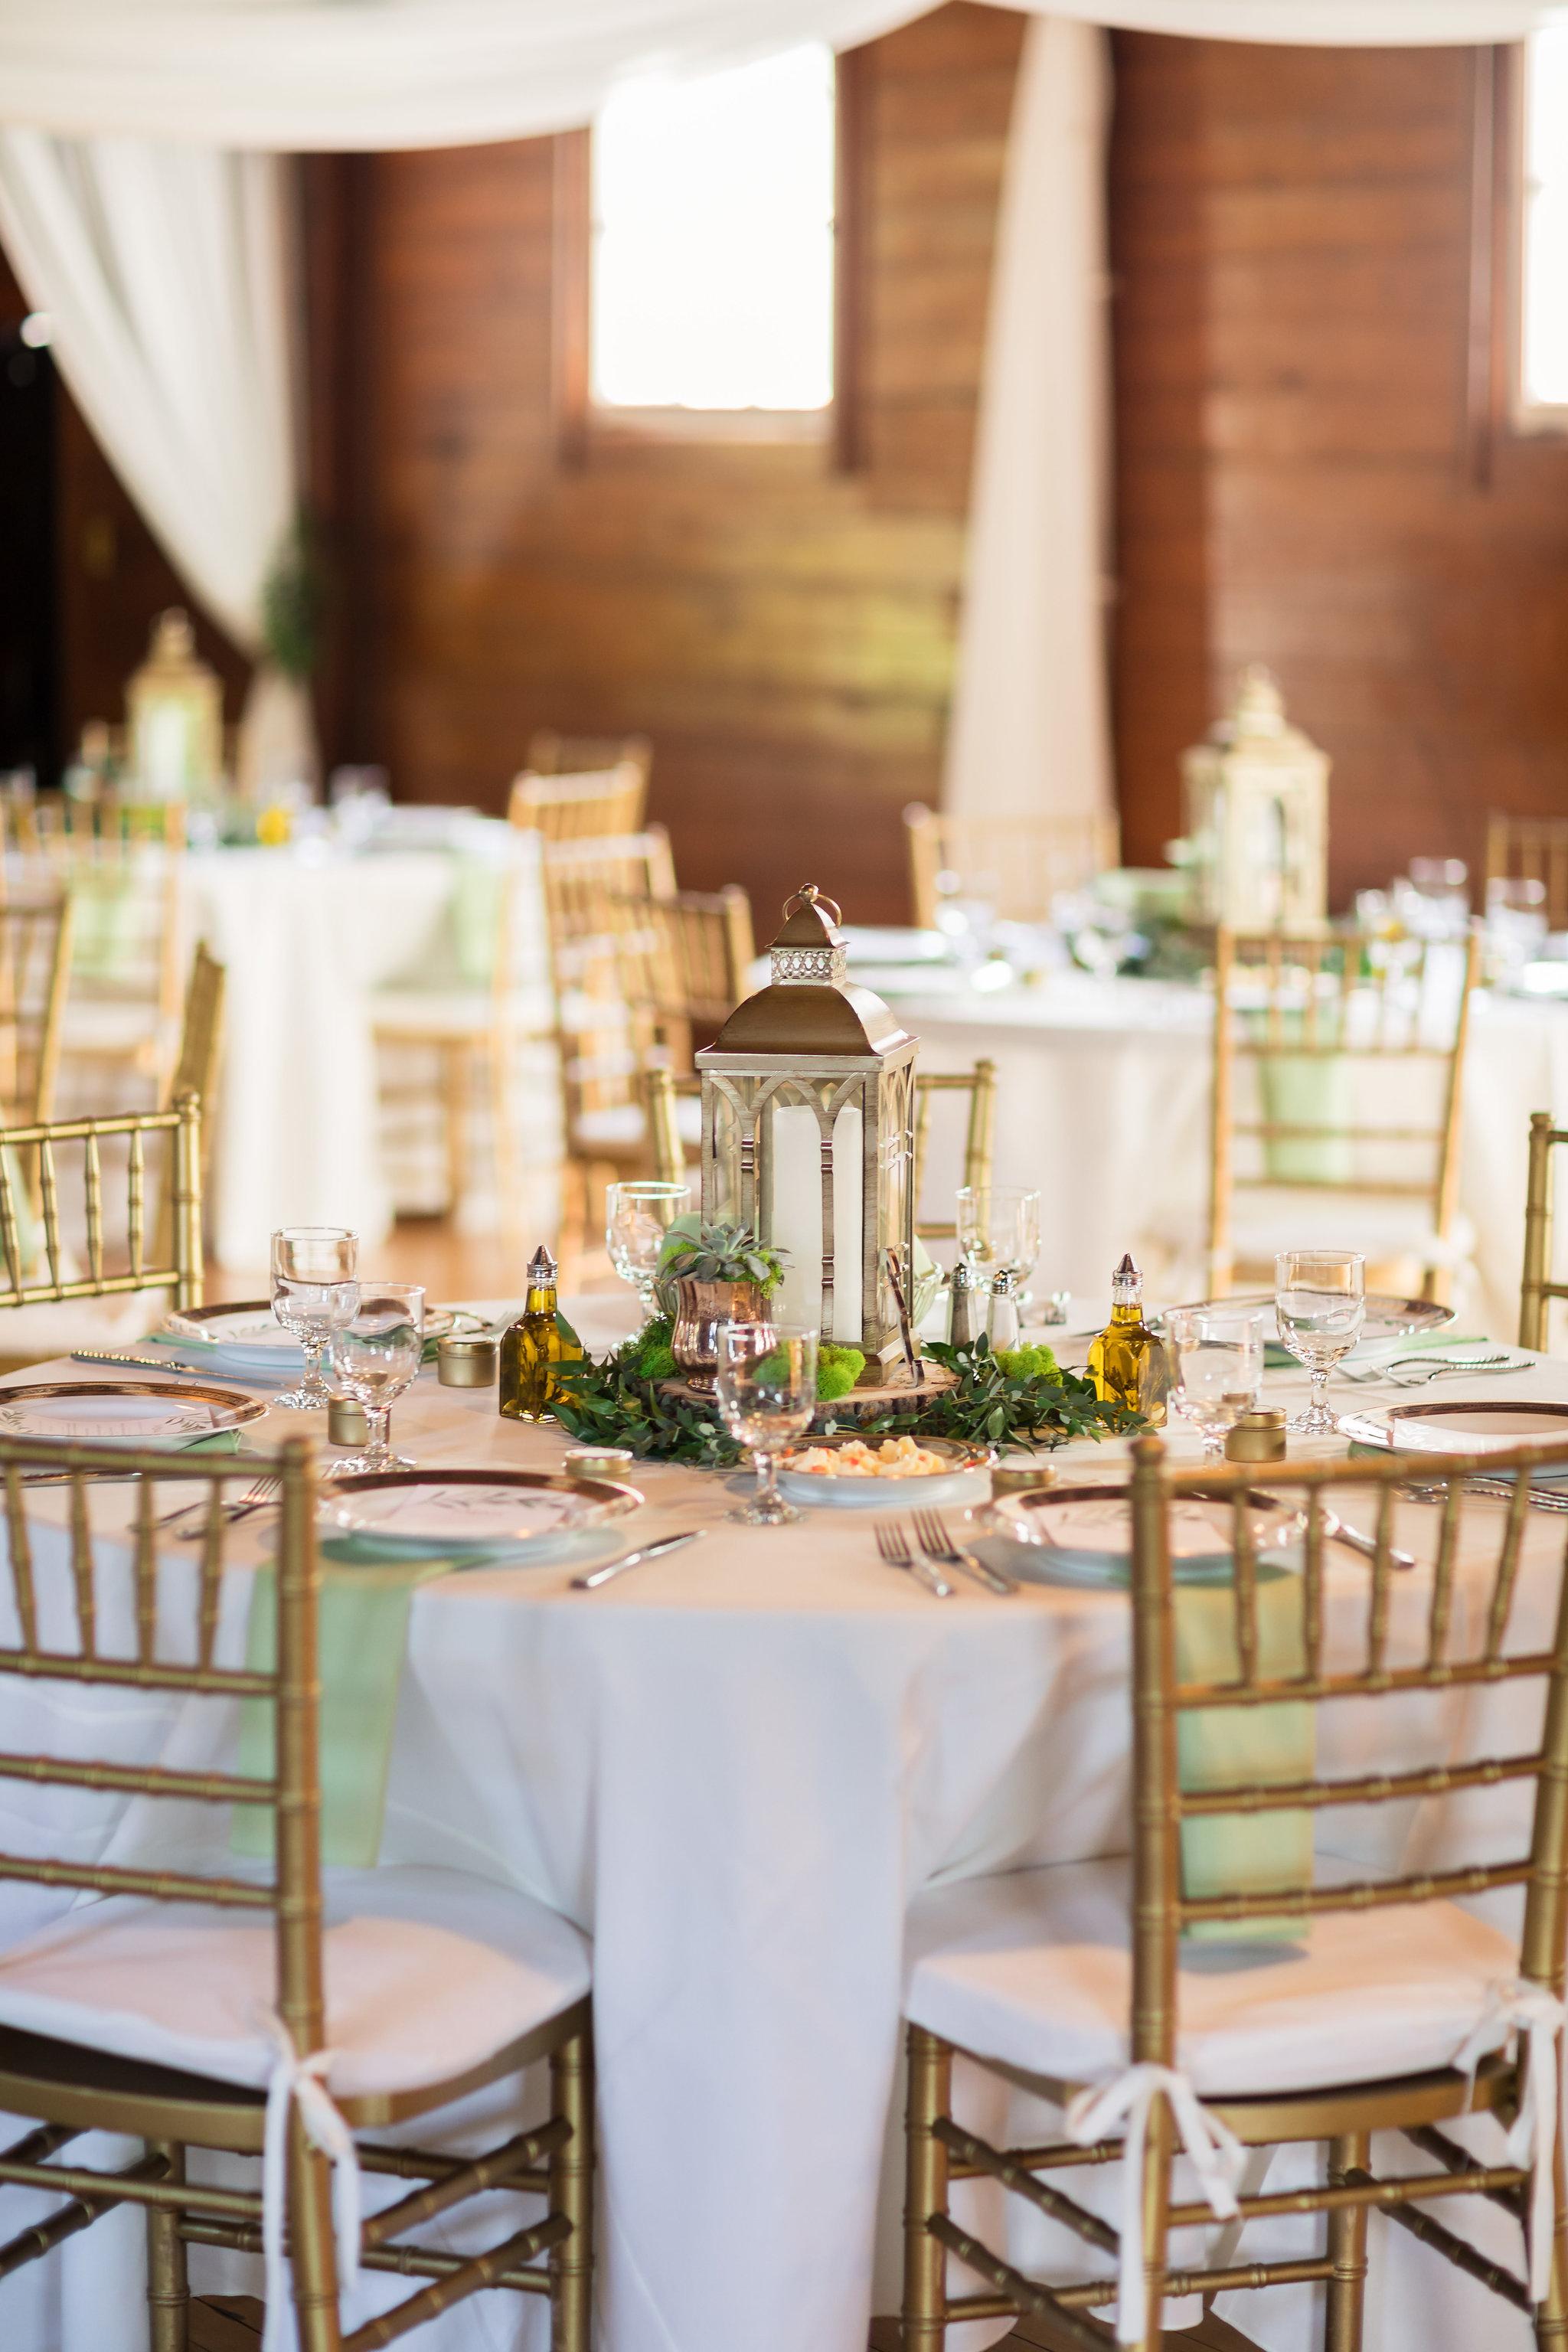 katie-brian-wedding-reception-27 - Copy.jpg